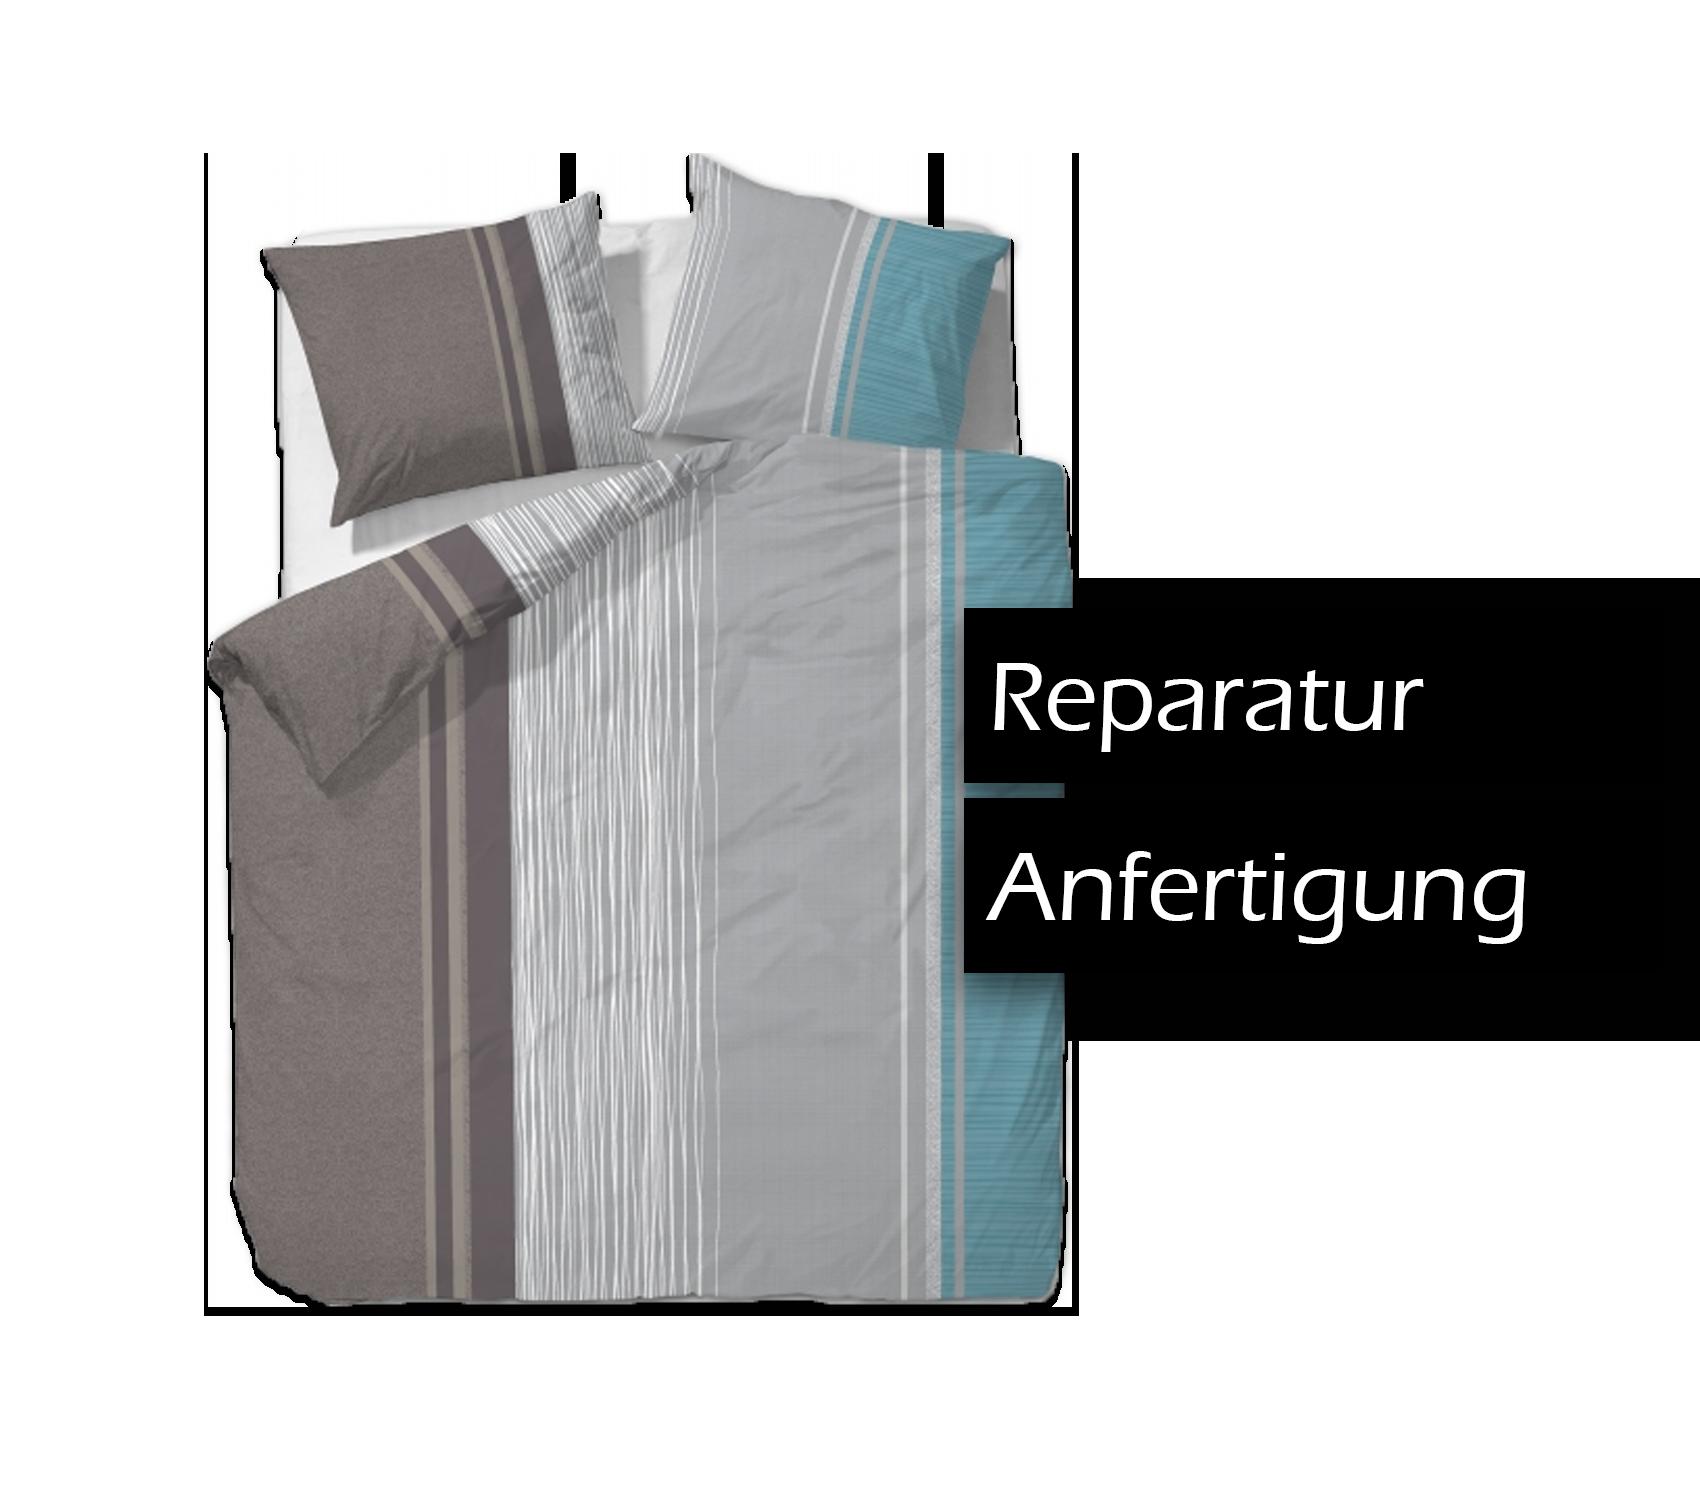 Bettwäsche Reißverschluss reparieren